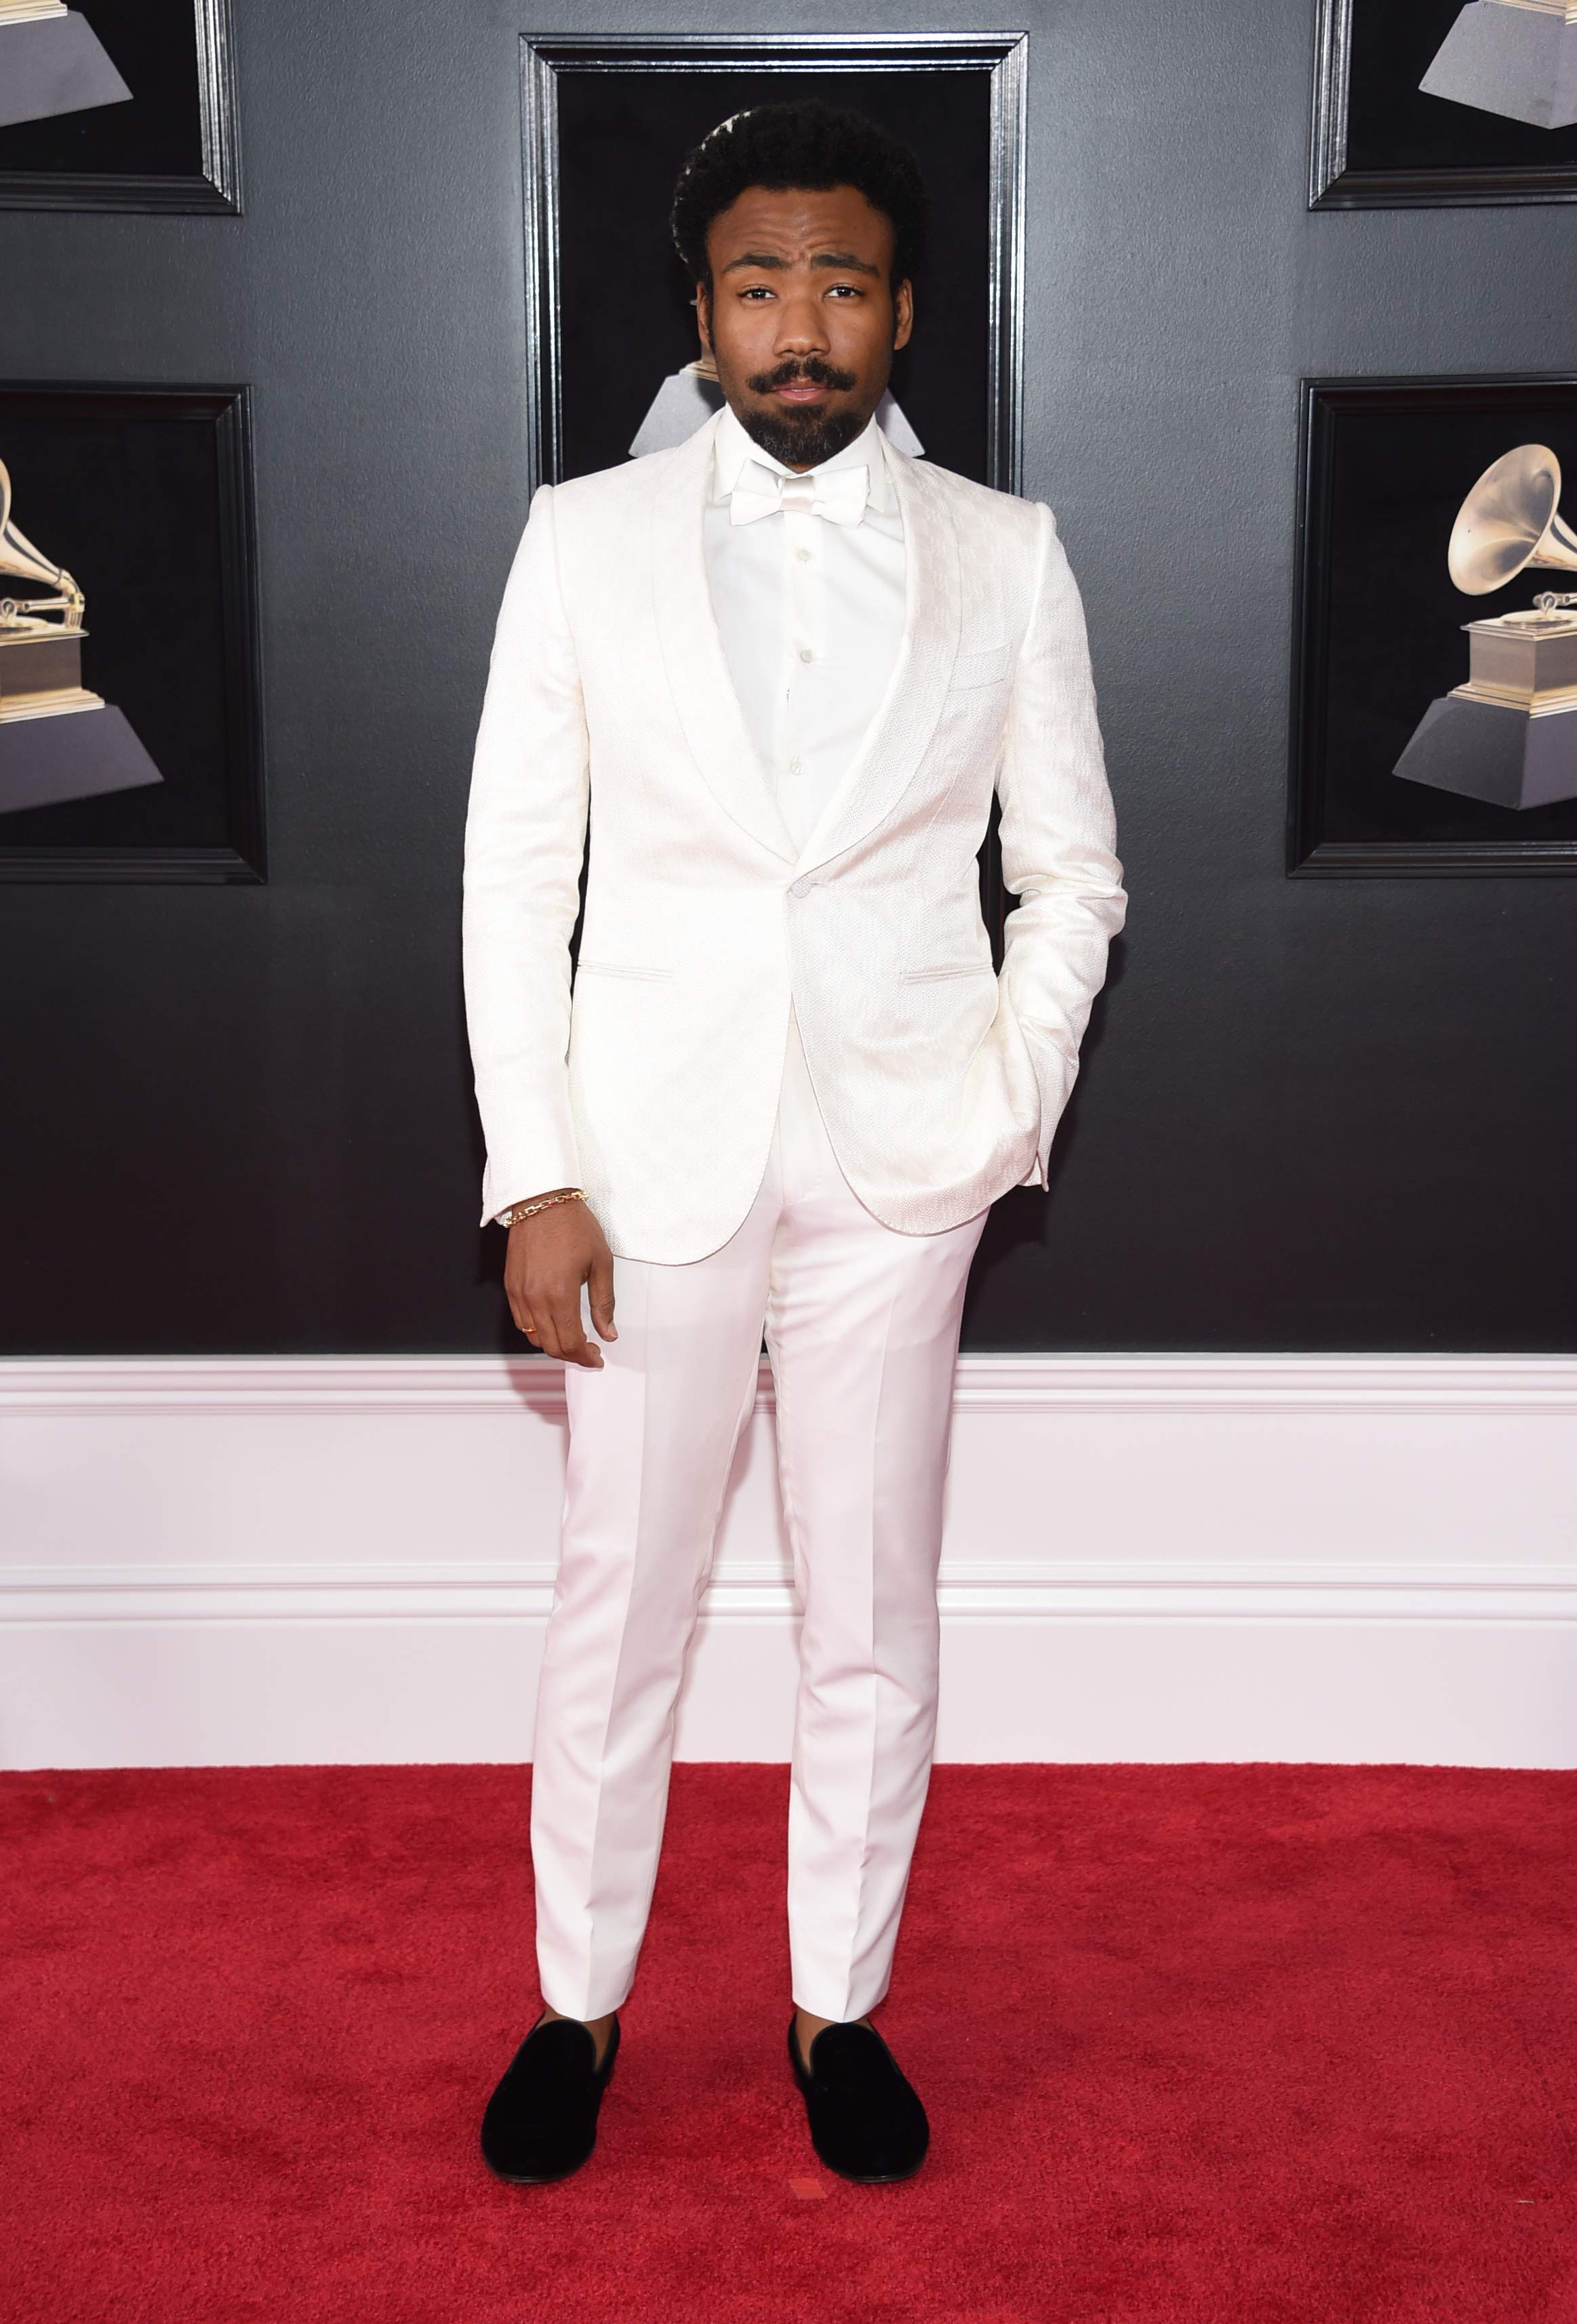 El artista Donald Glover llegó a la alfombra roja de los Grammy vestido de blanco completamente. (Foto: AP)